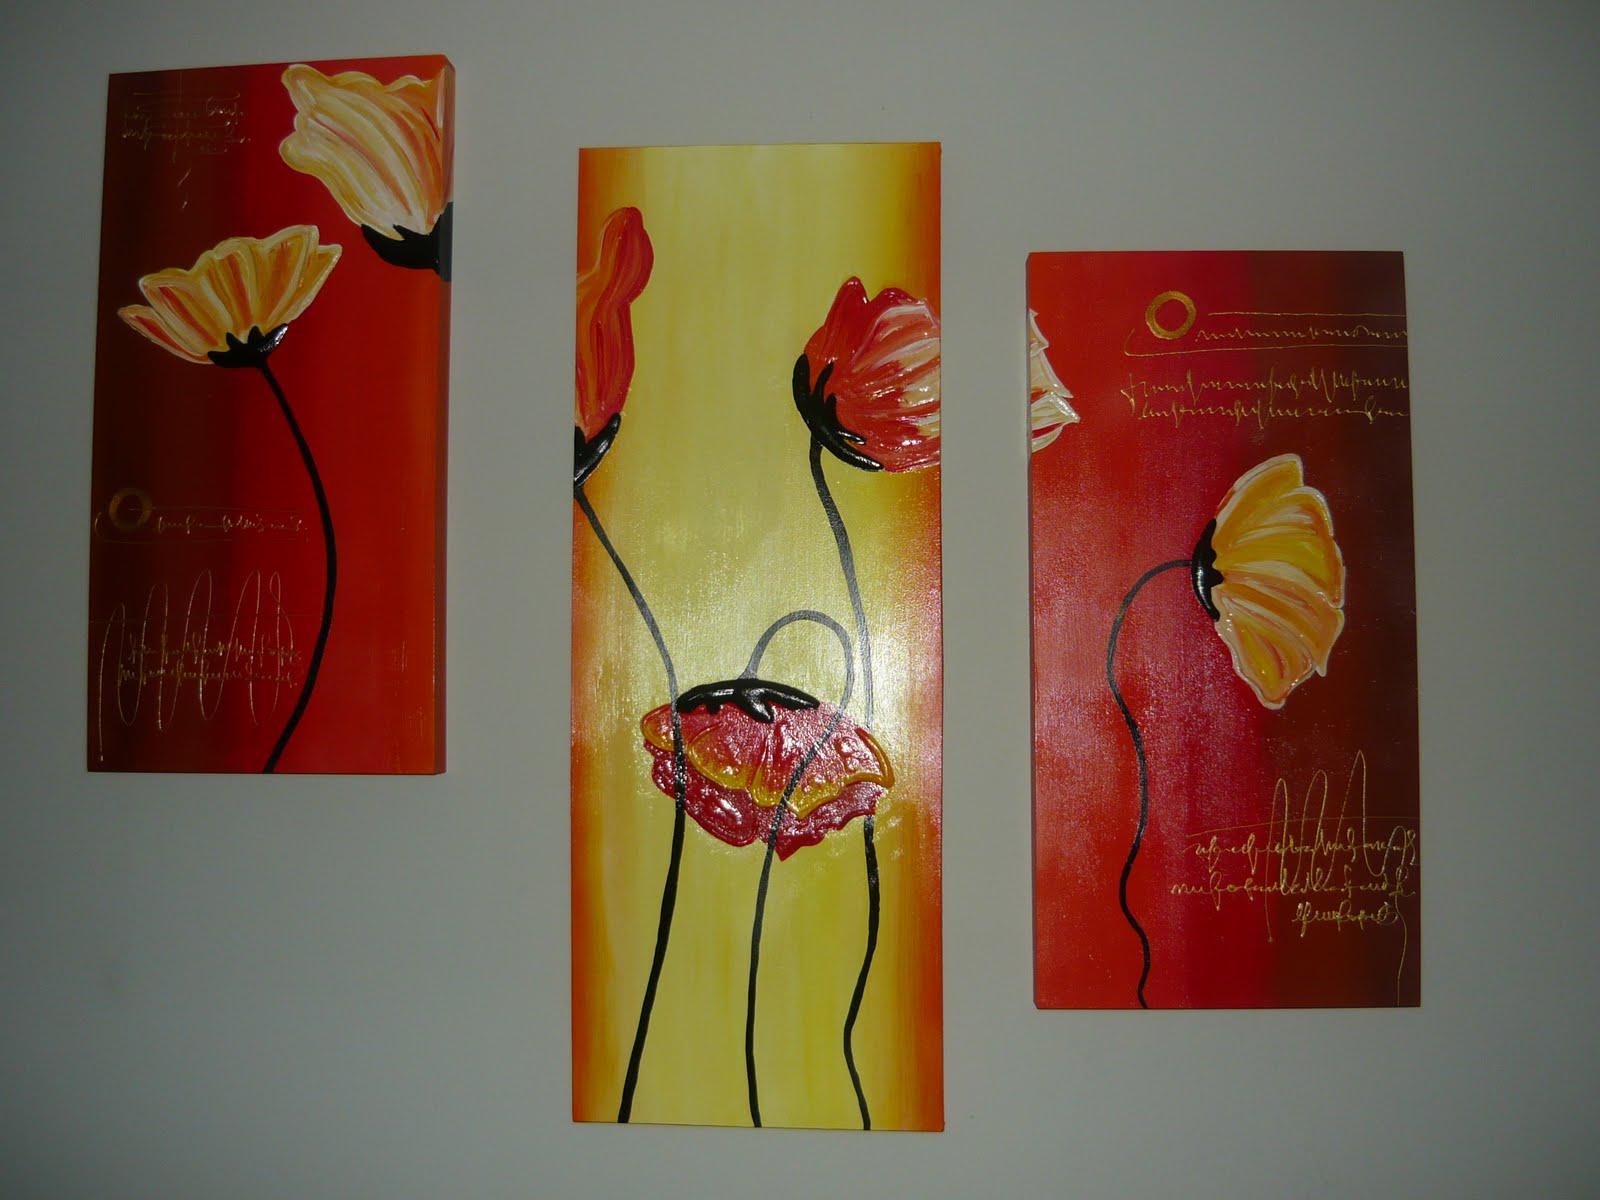 cuadros laterales miden 30 x 70 cm y el cuadro del centro 80 x 30 cm